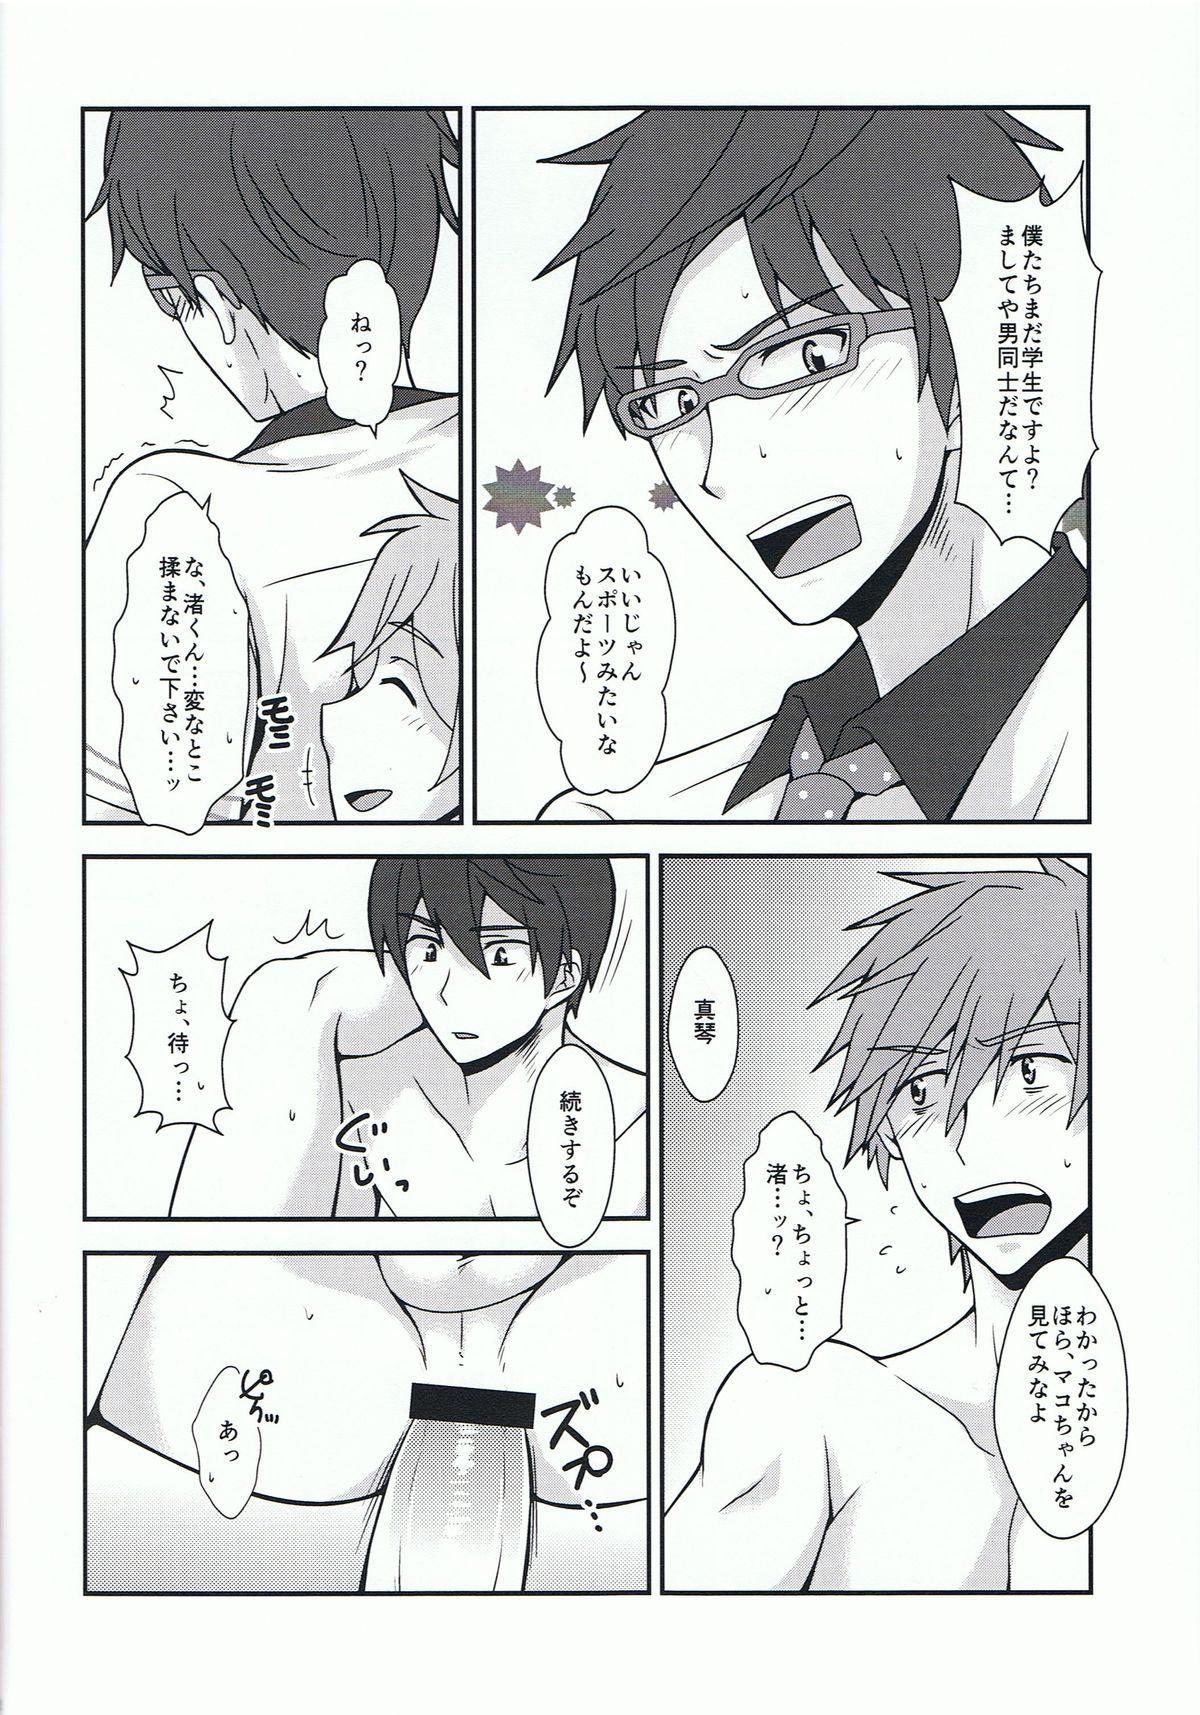 Omotenashi 6